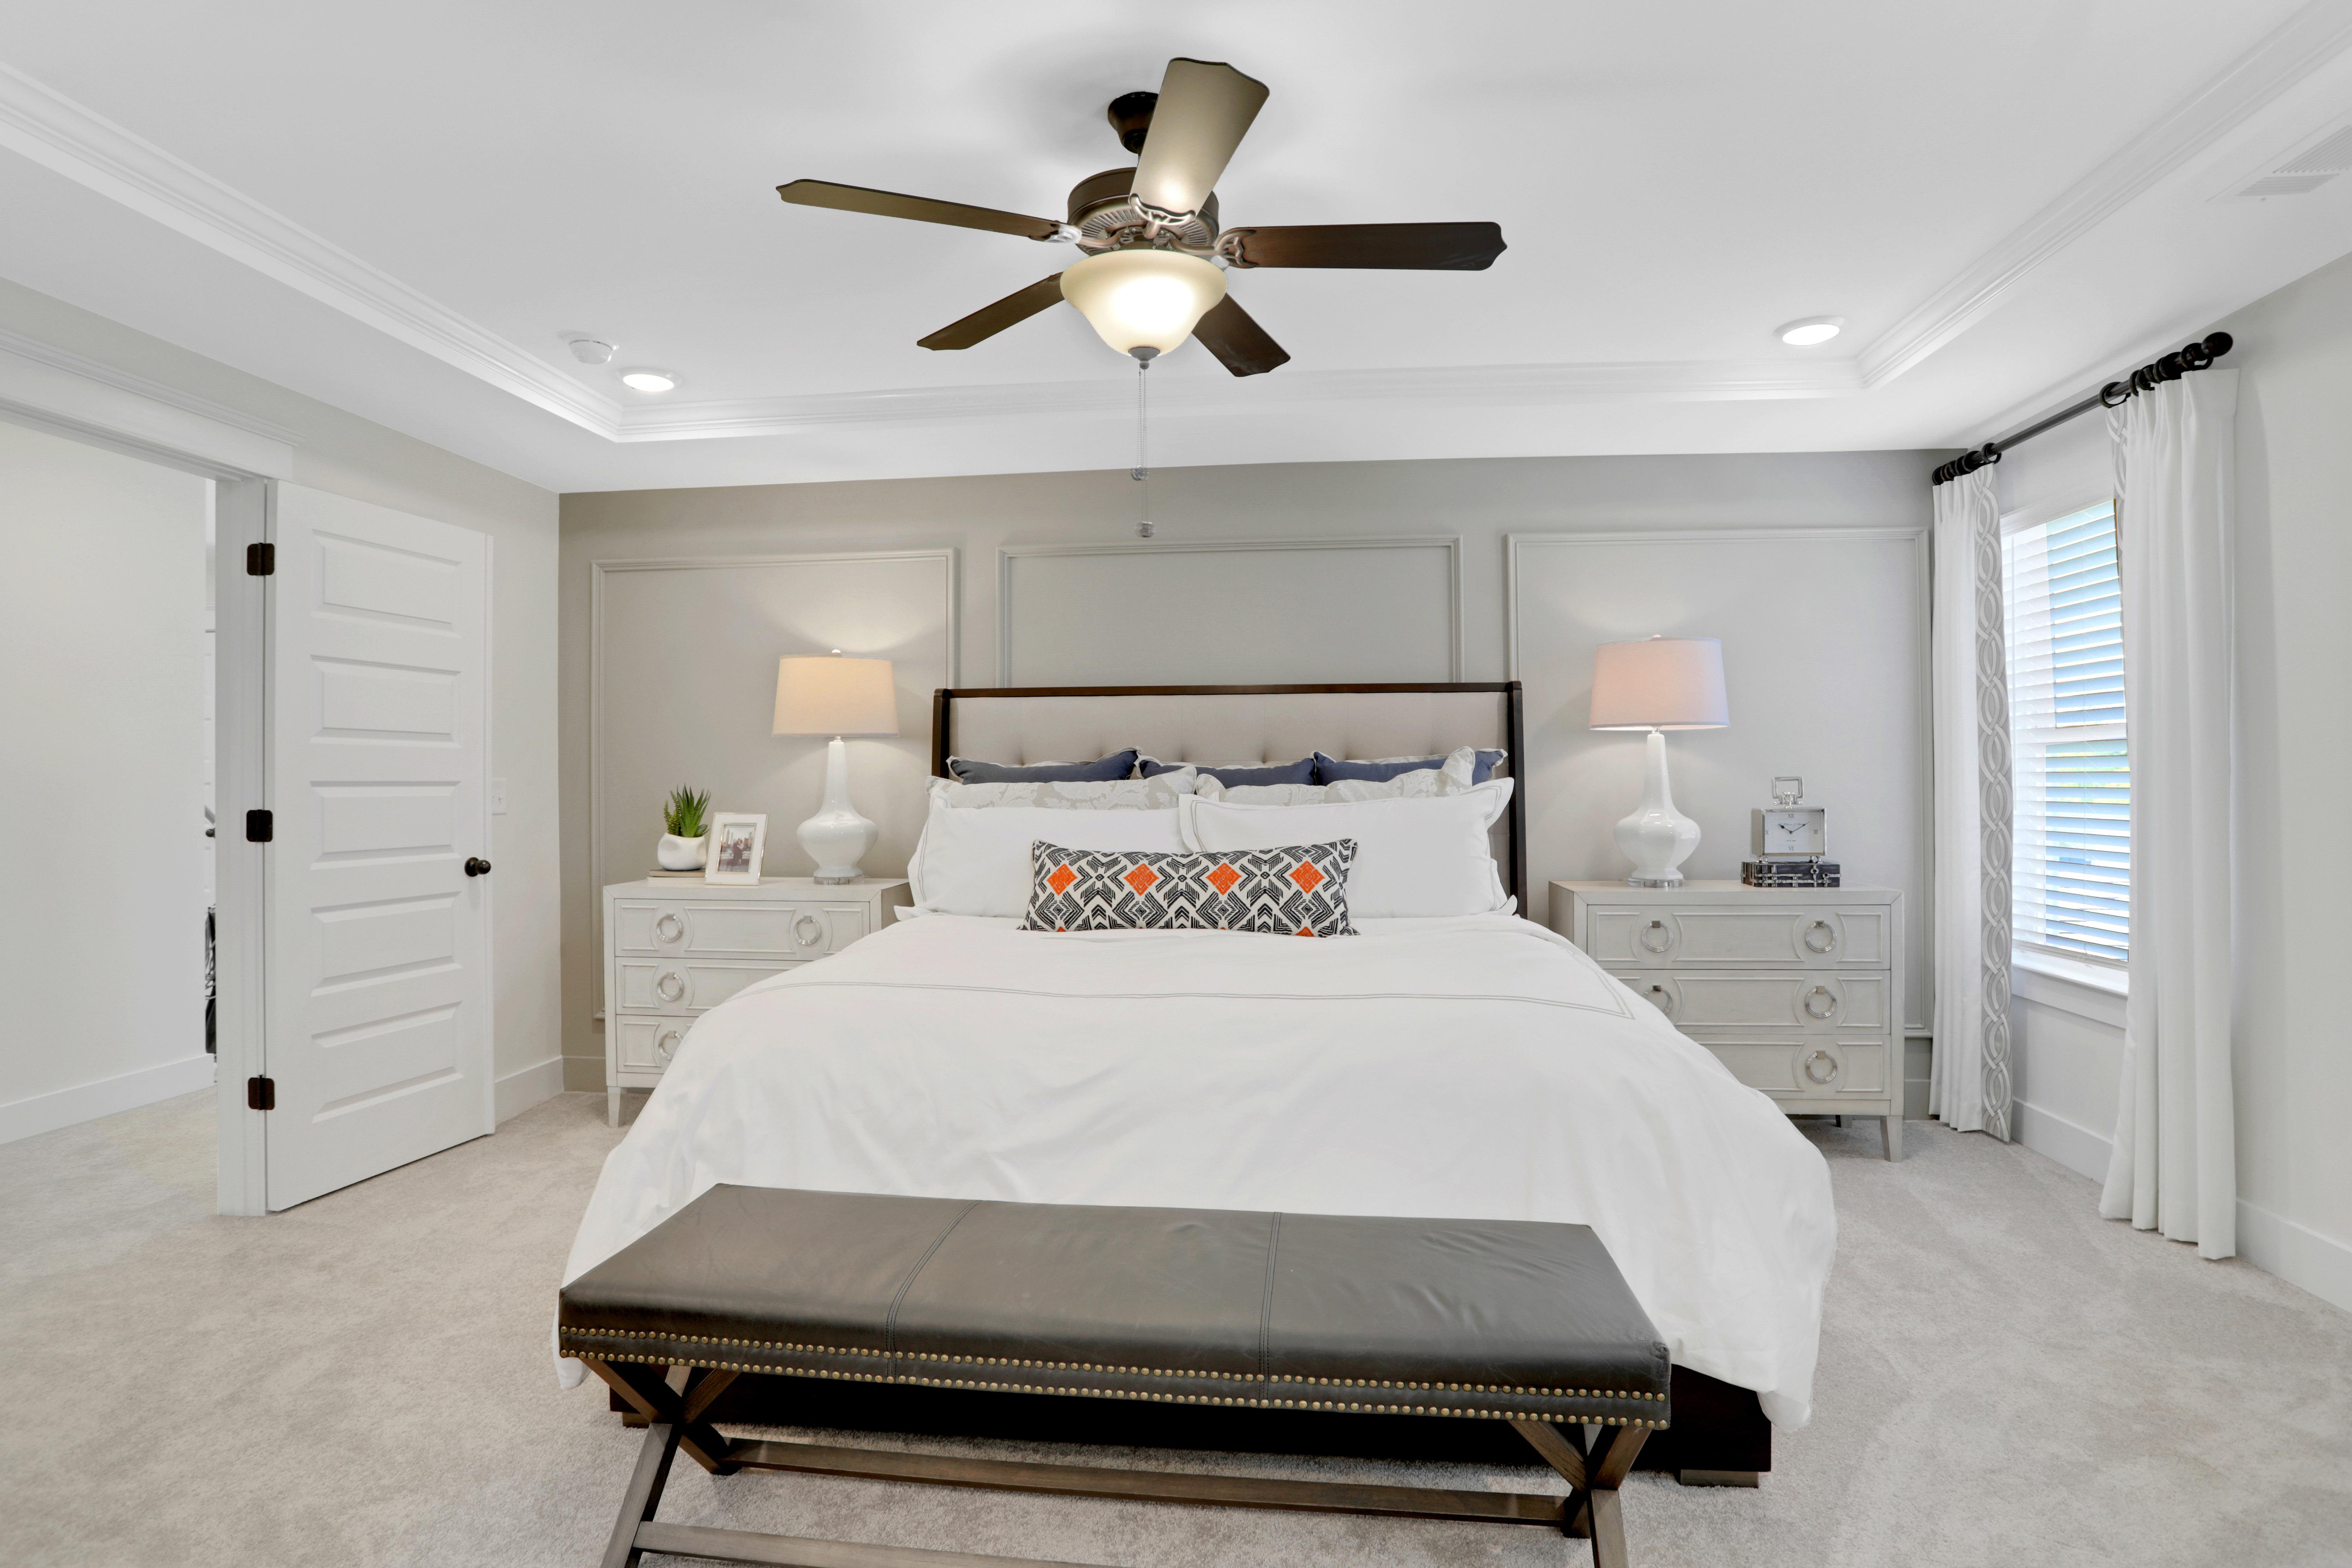 Colfax Model Owner's Bedroom